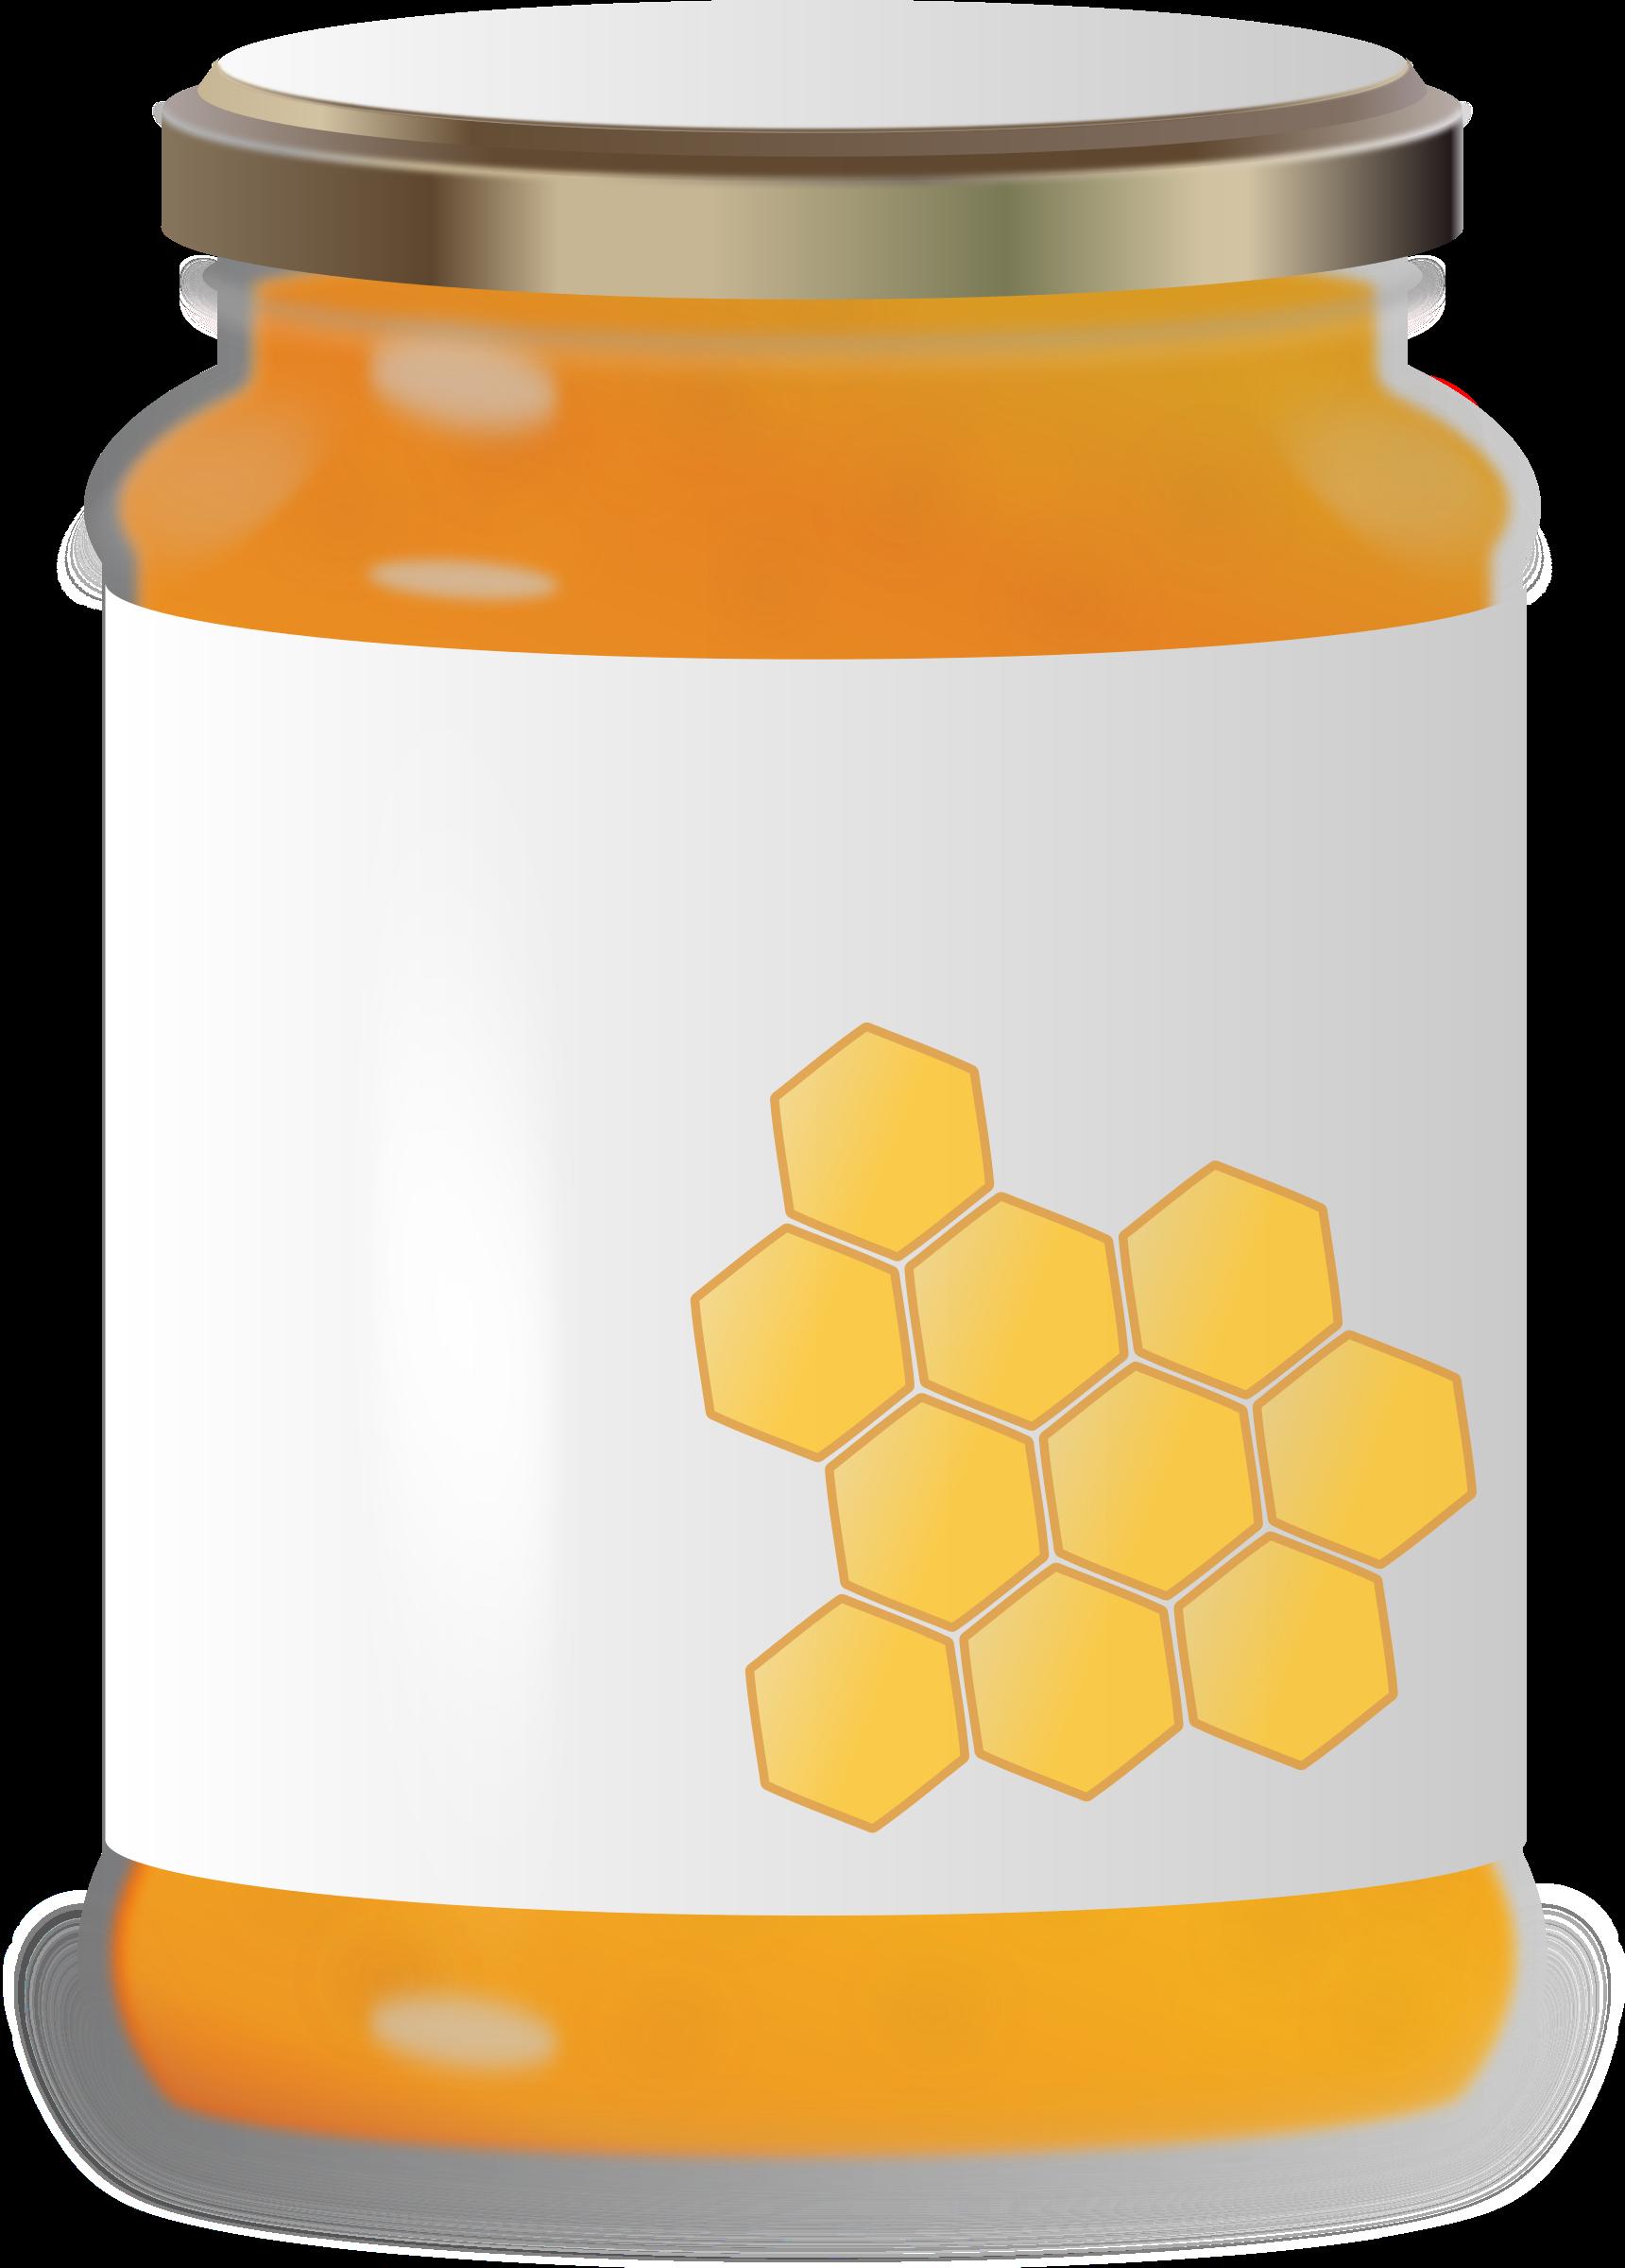 Jar clipart jar honey Honey Jar Jar Honey Clipart